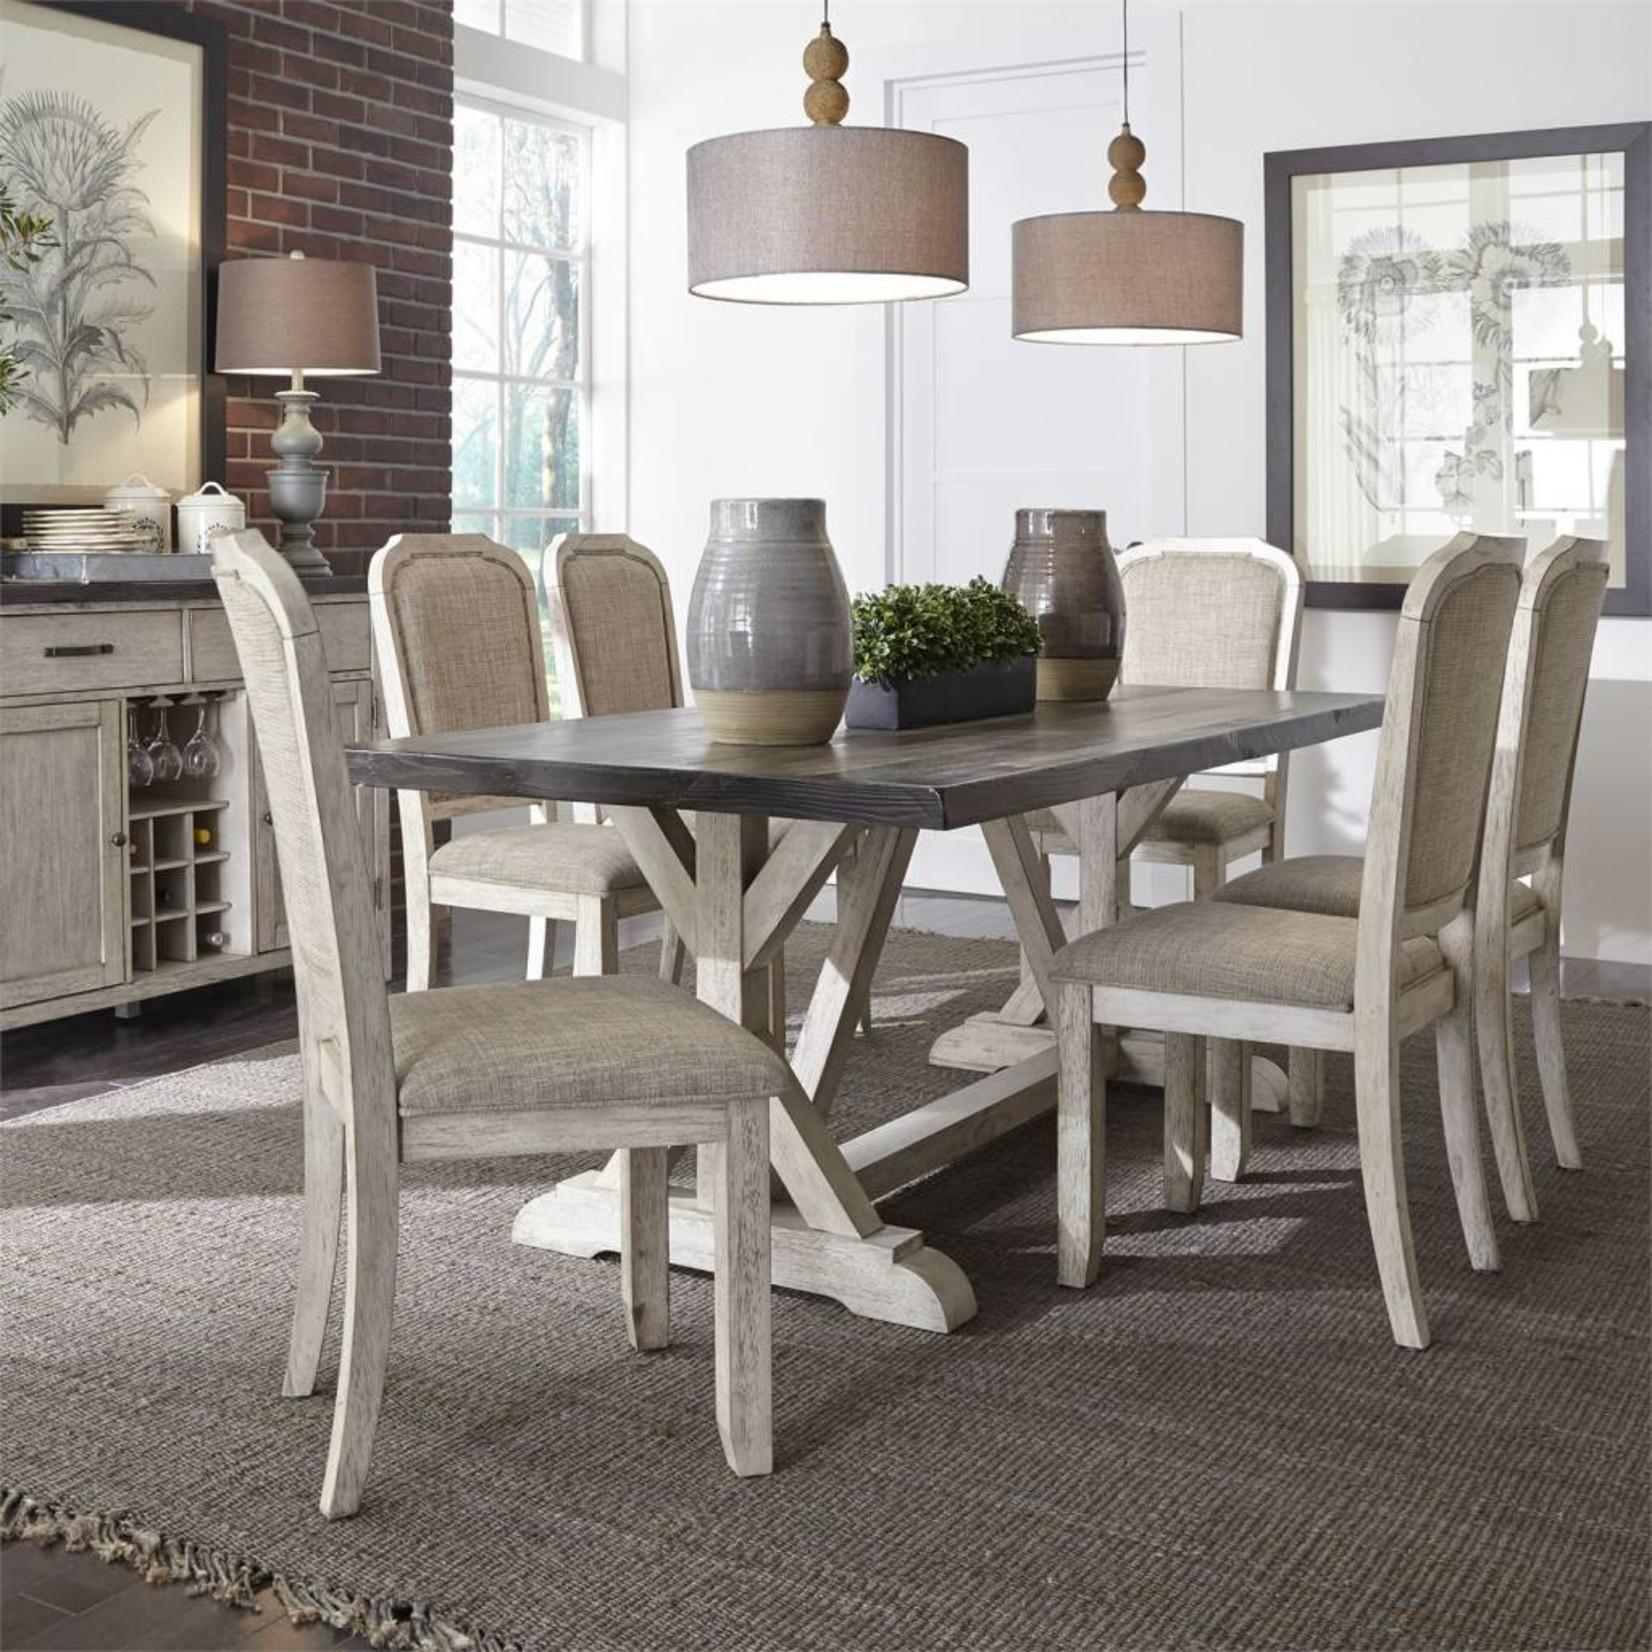 Willowrun Trestle Table